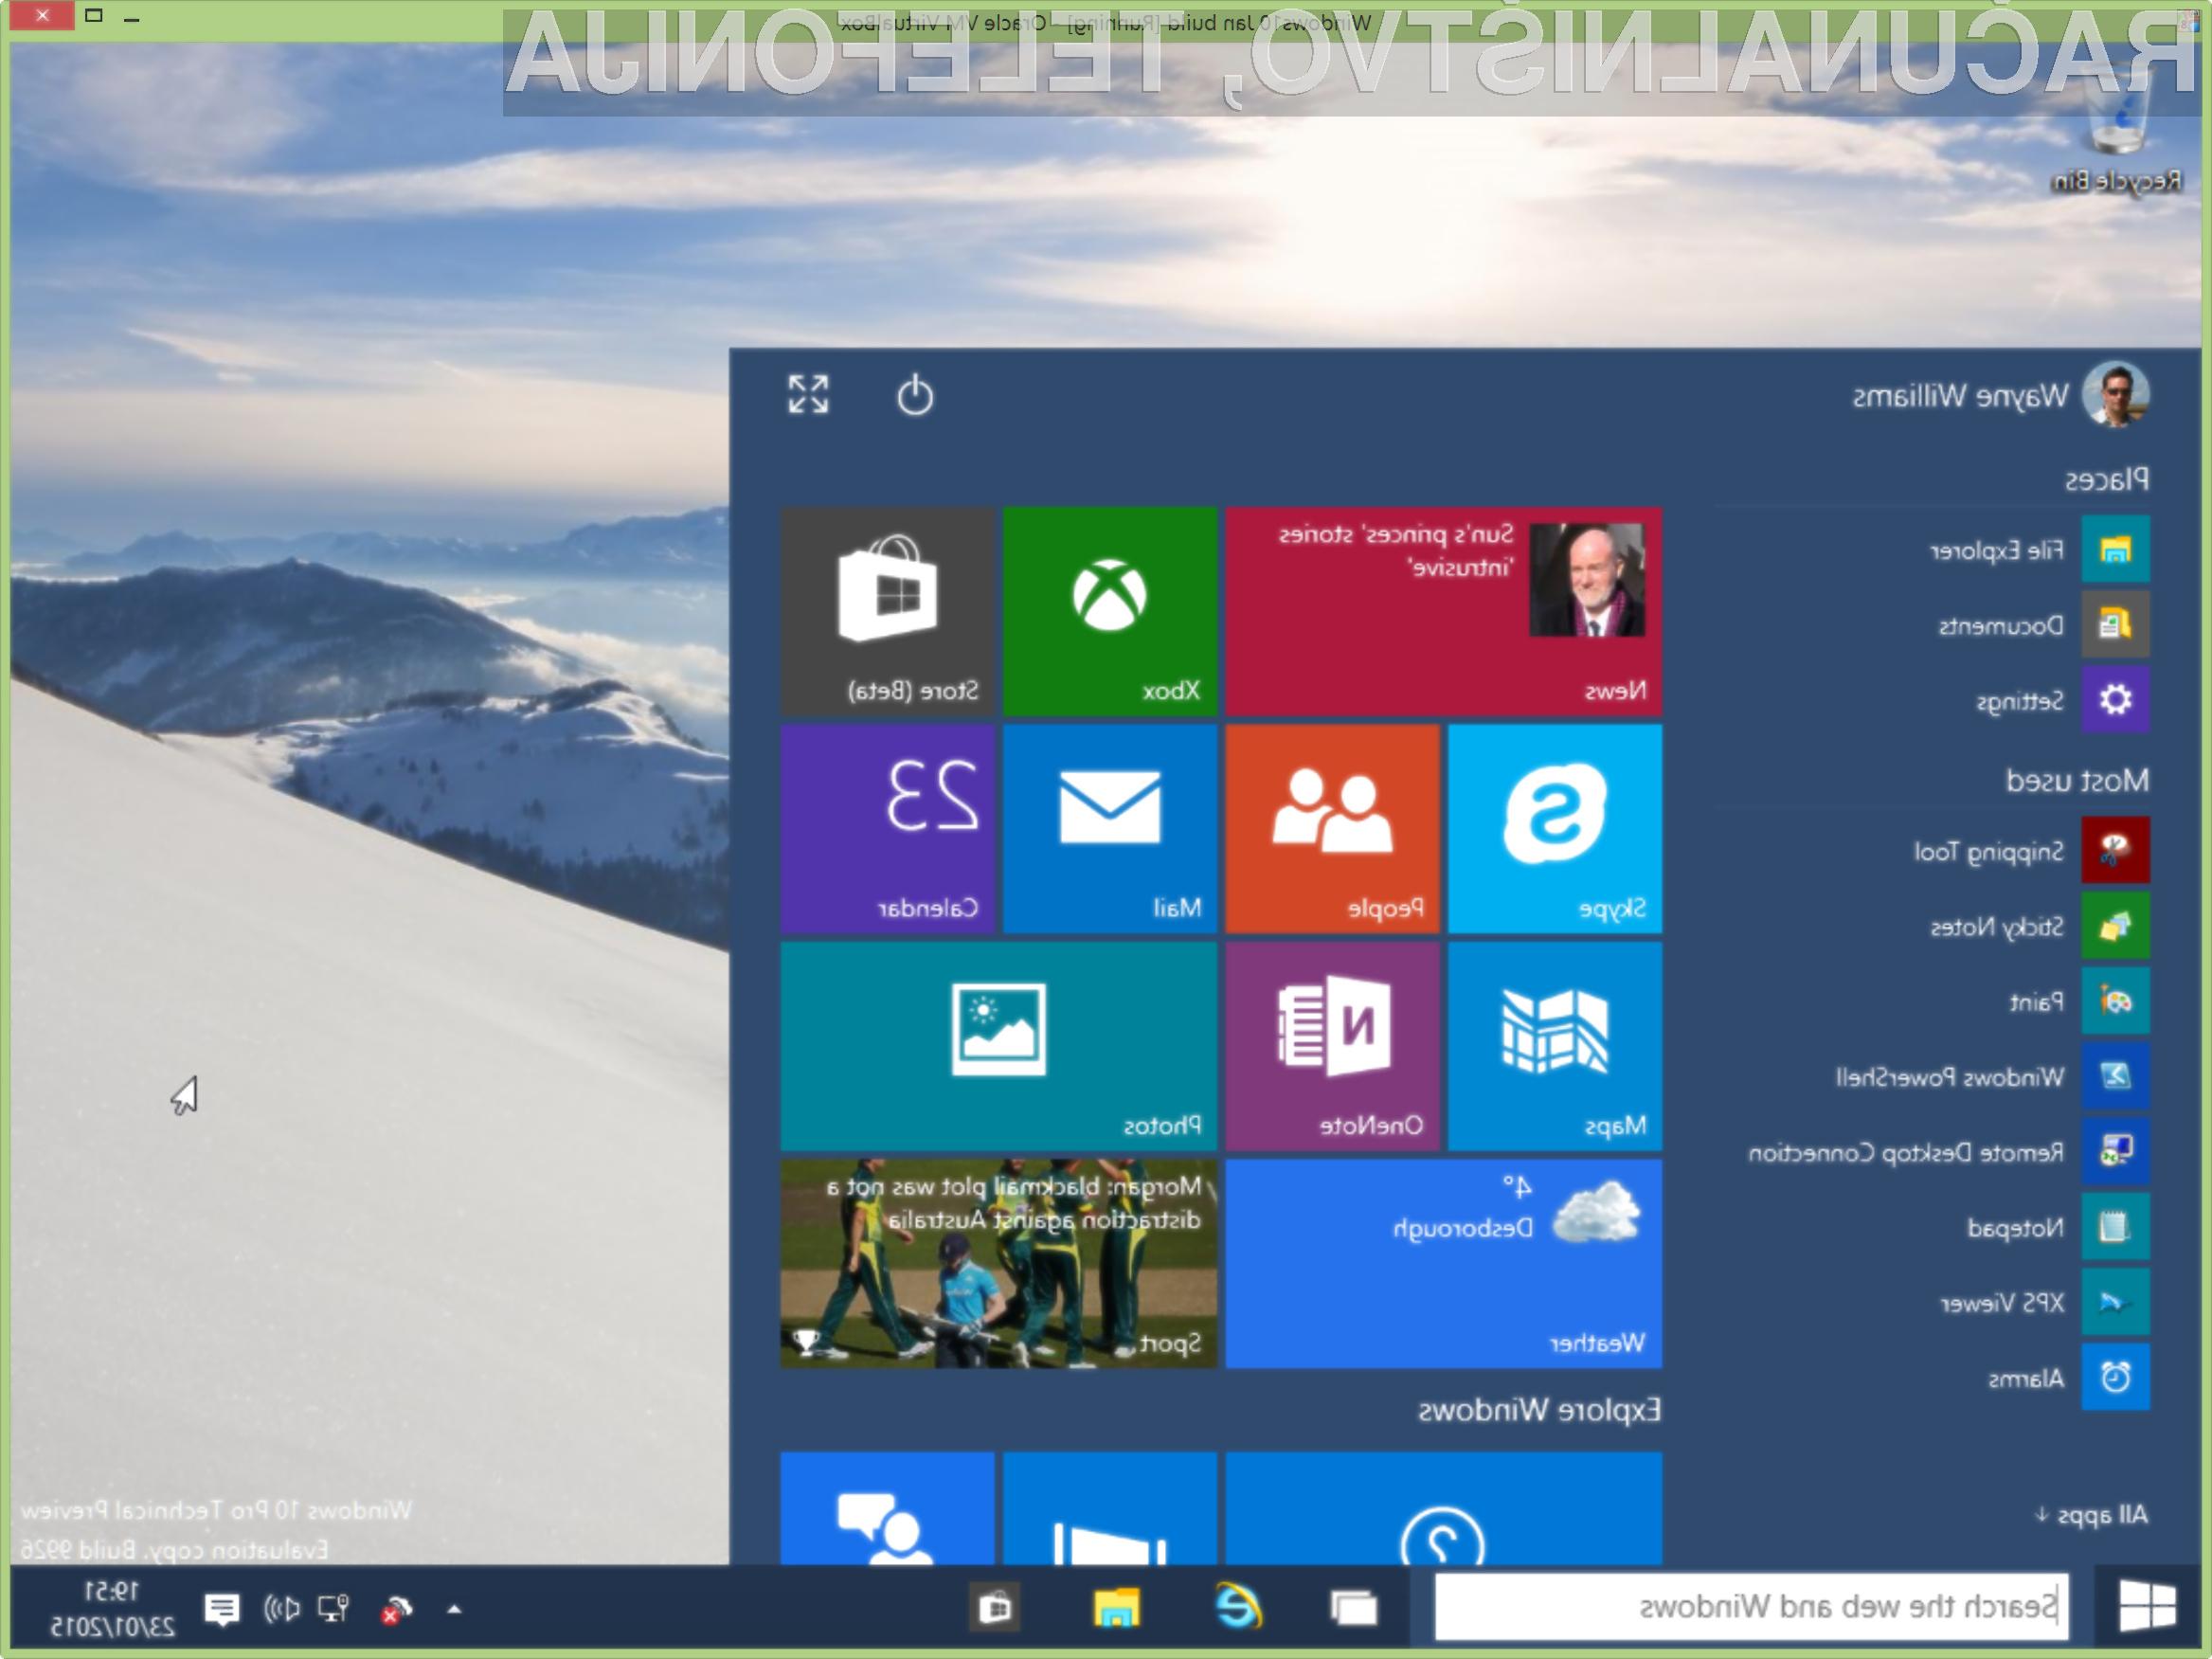 Običajni uporabniki bodo pri Windowsu 10 prišli na svoj račun šele v drugi polovici leta.